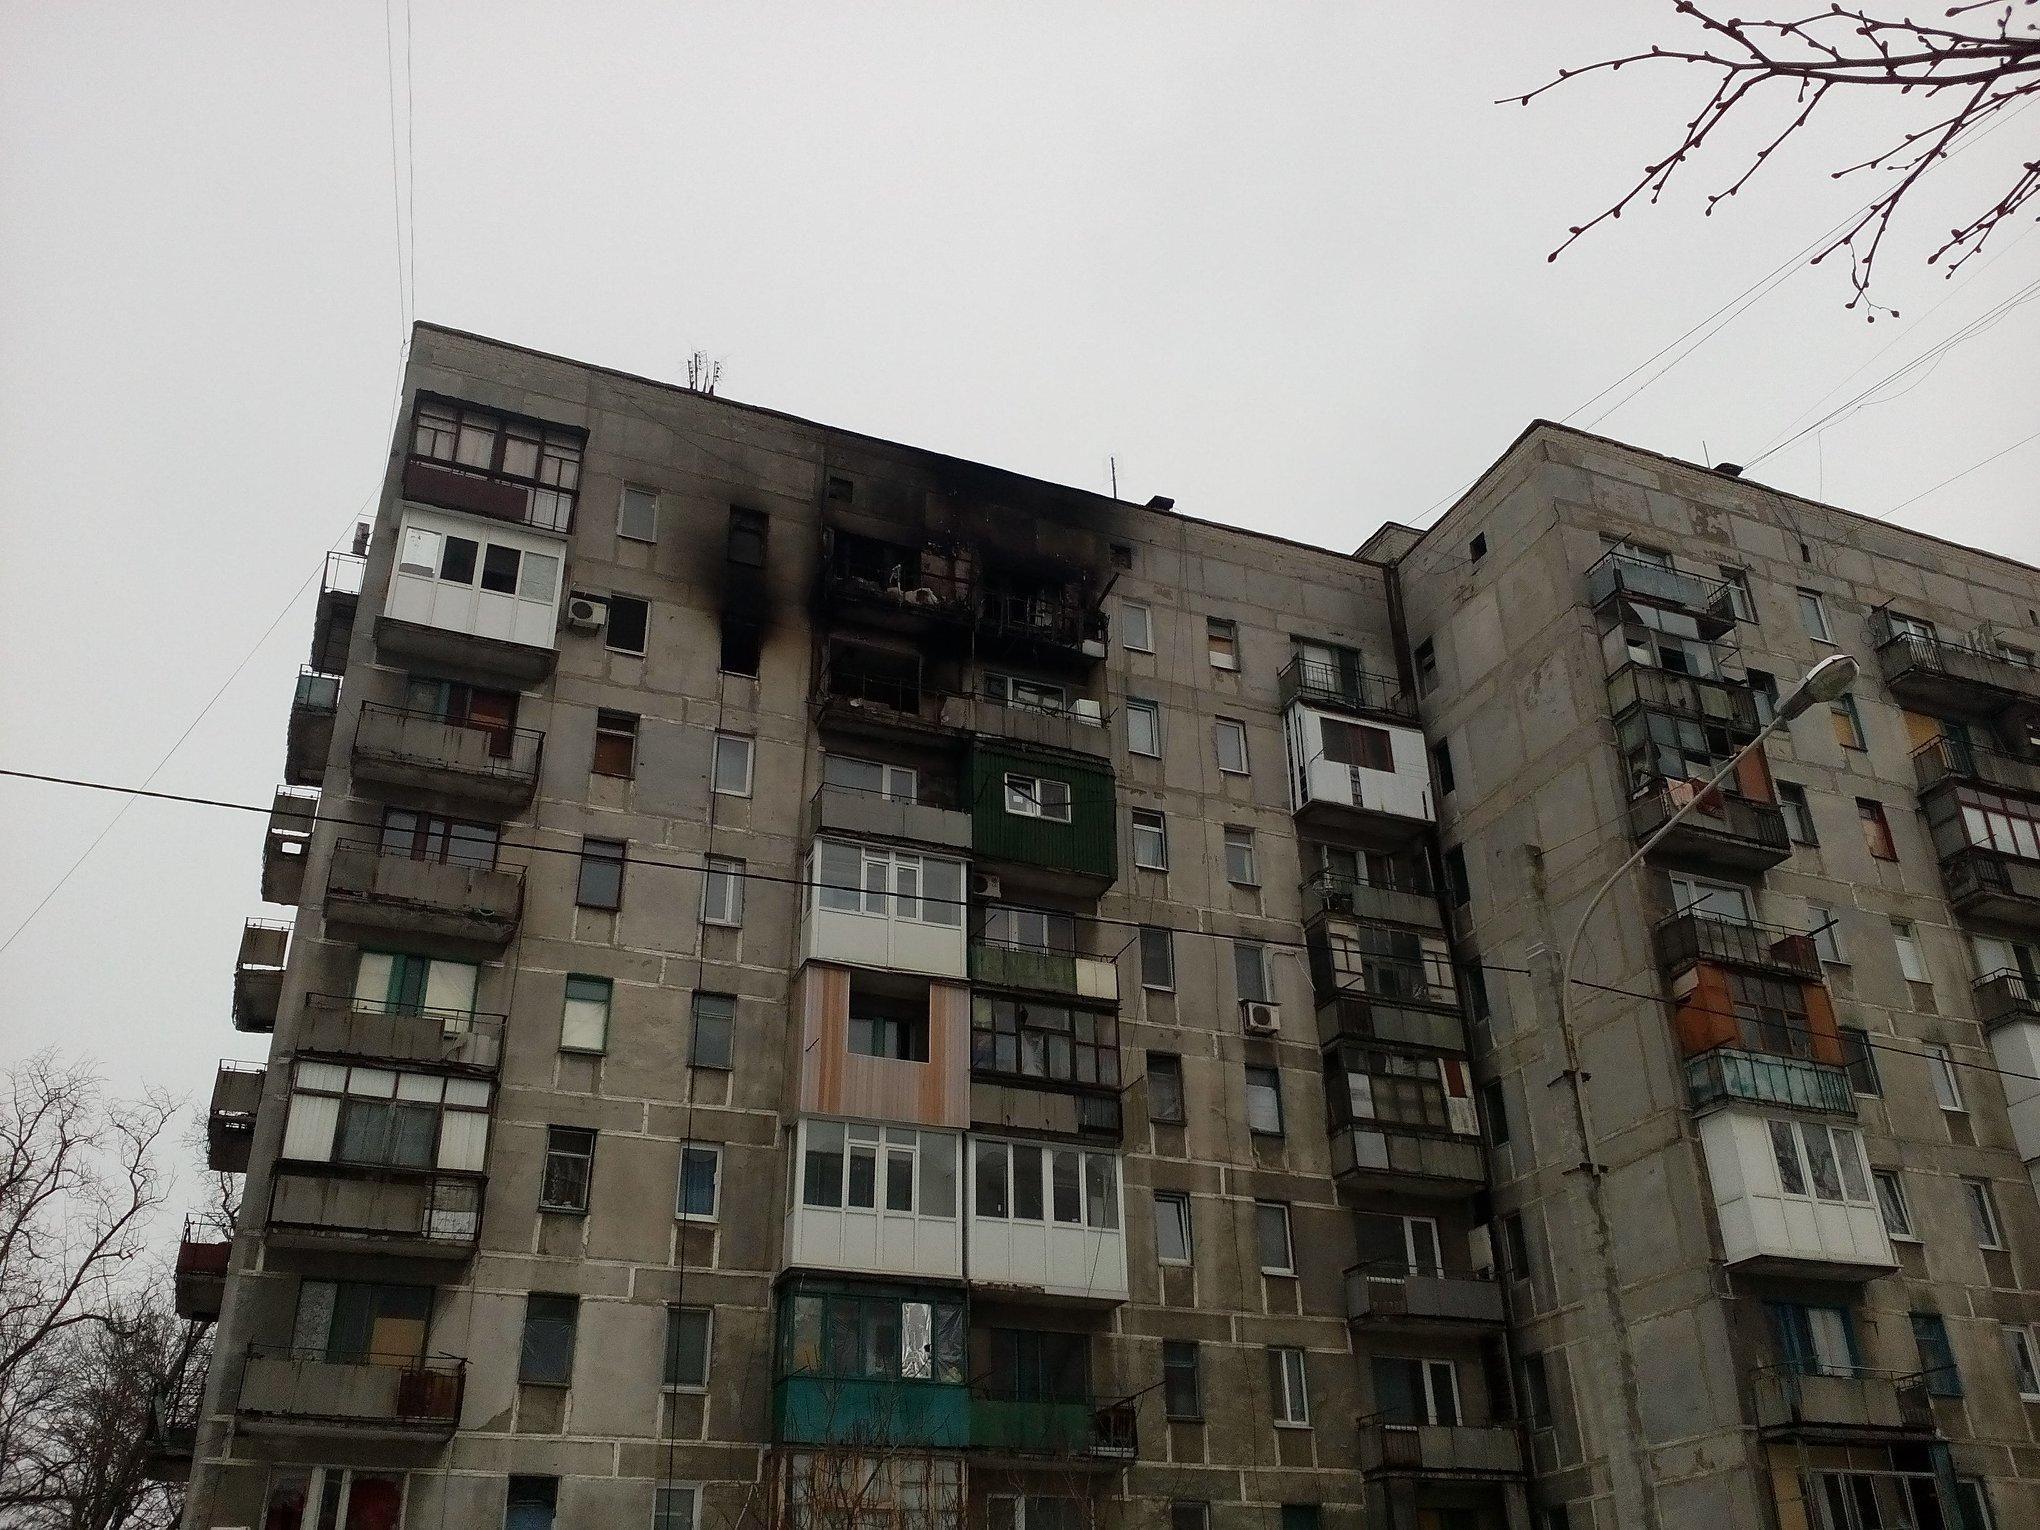 Будинок після обстрілів